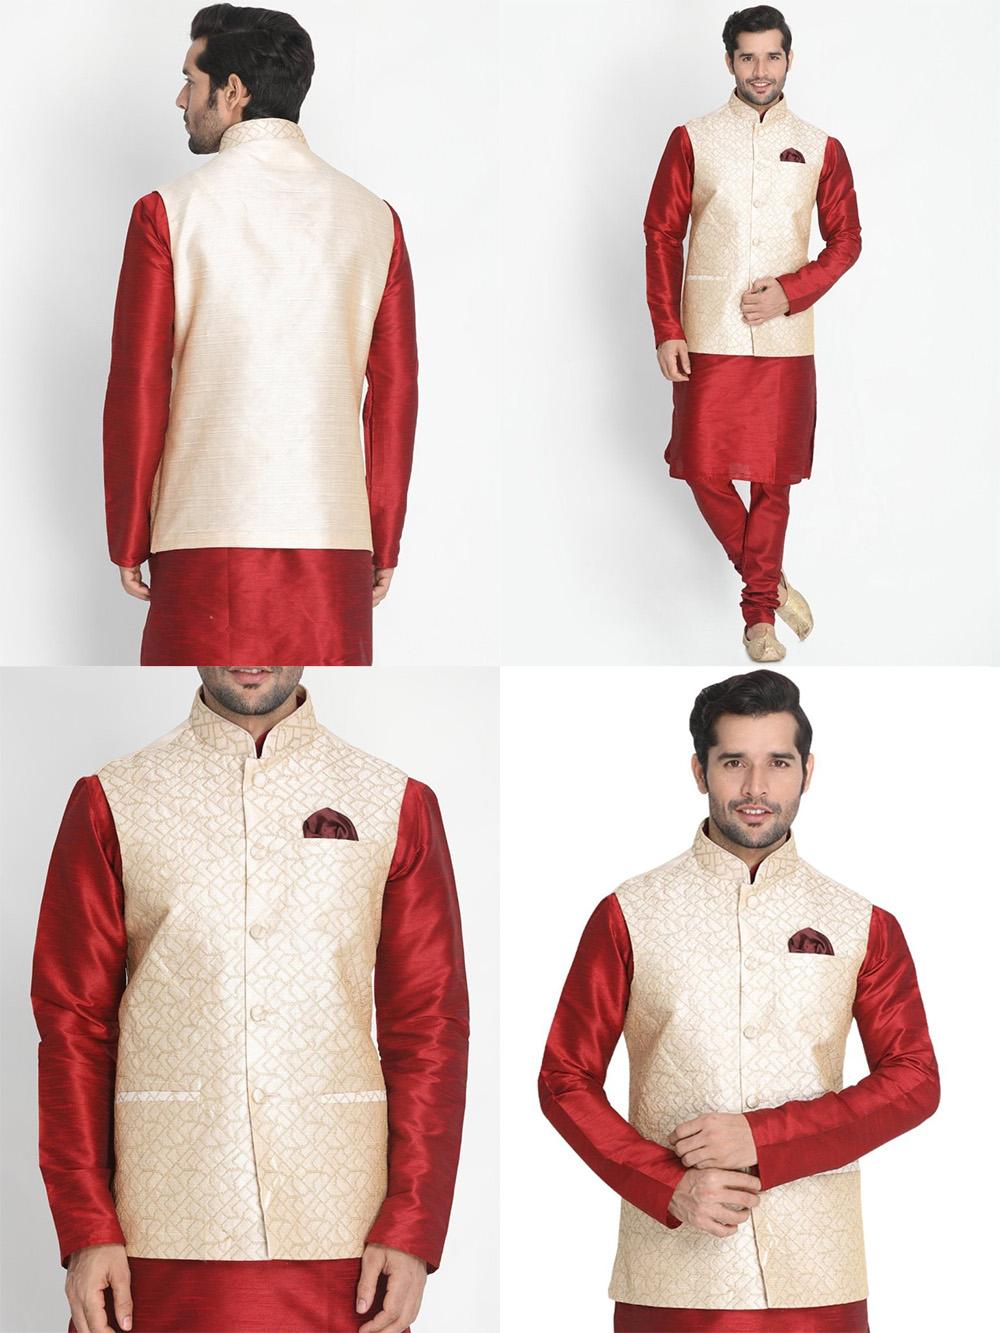 DESIGNER INDIAN JACKET-600011-M - $69.99